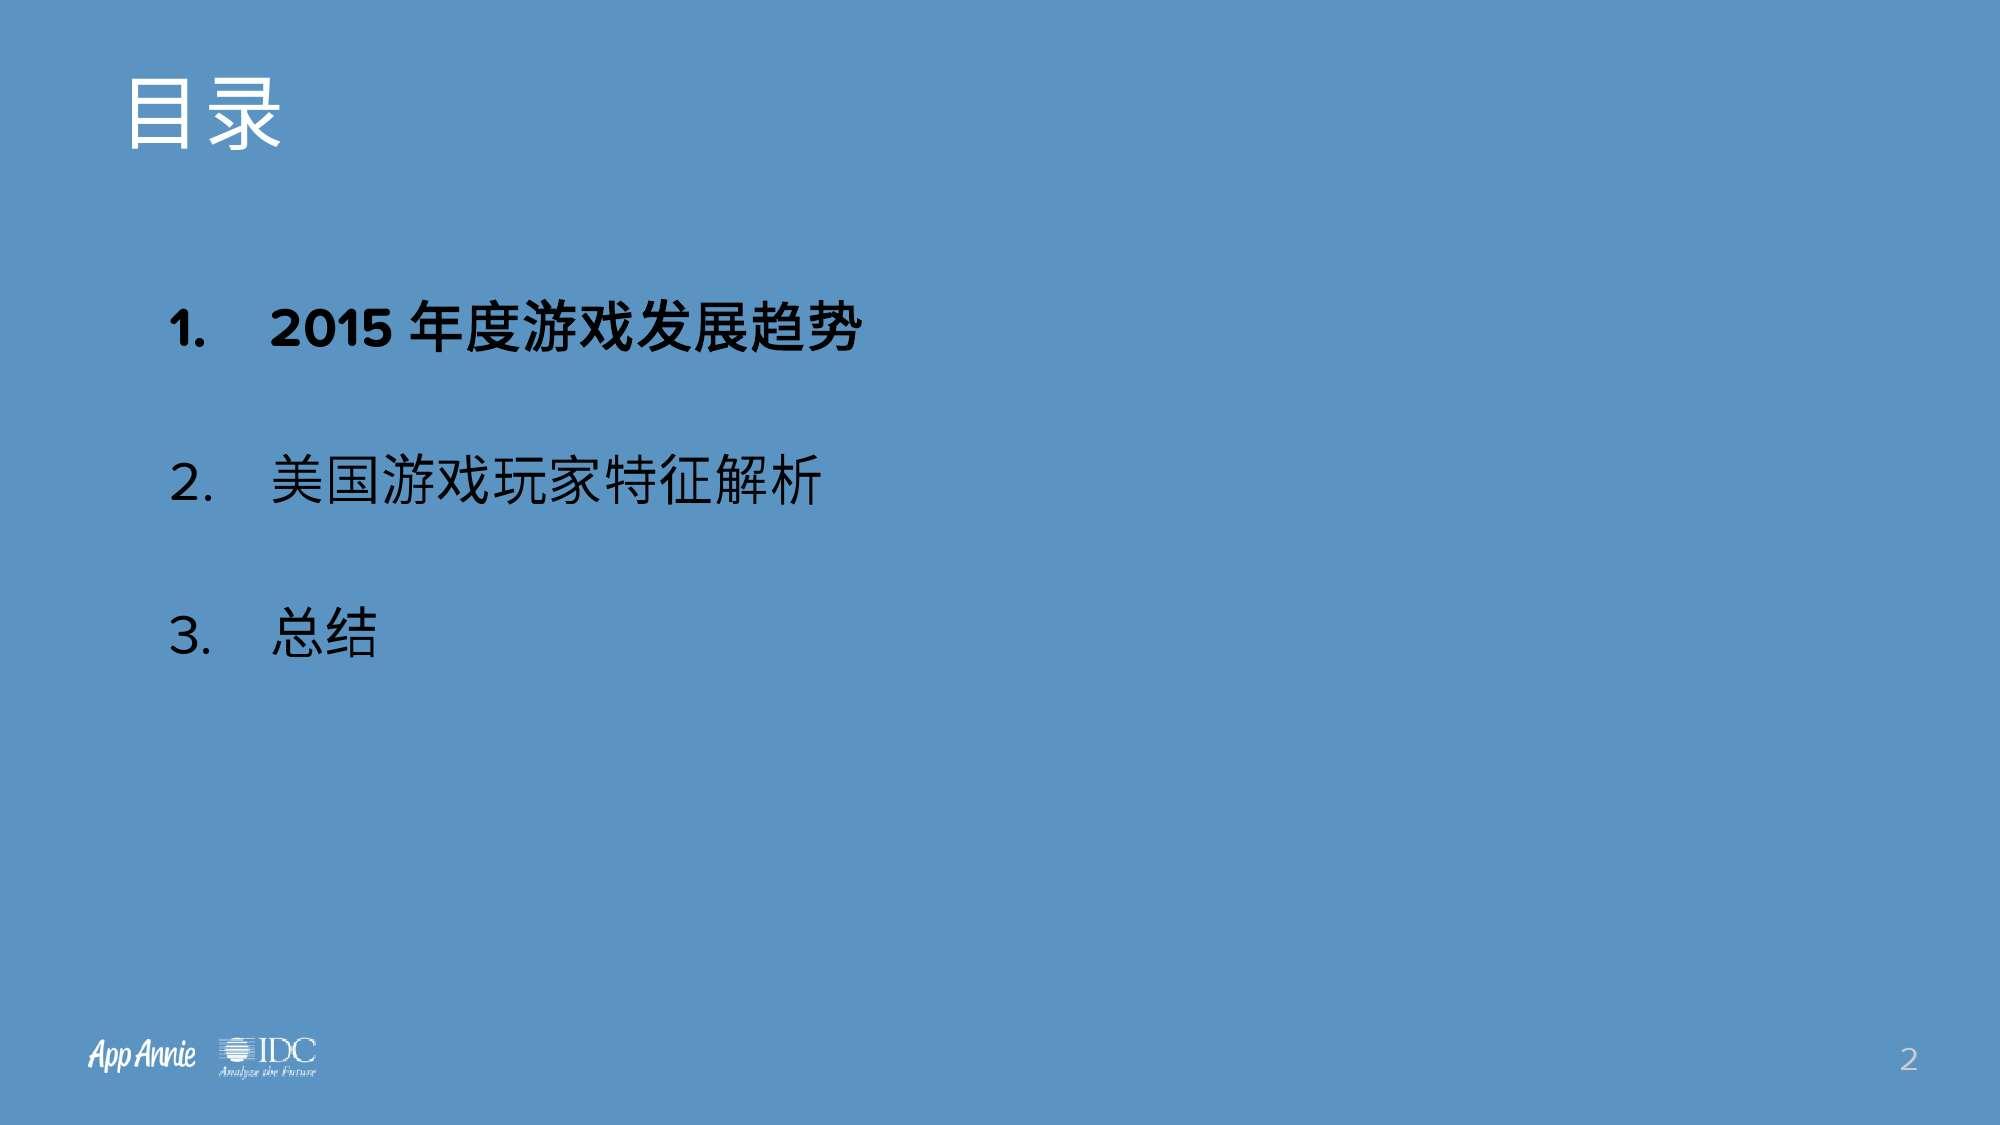 2015 年度回顾:聚焦游戏_000002